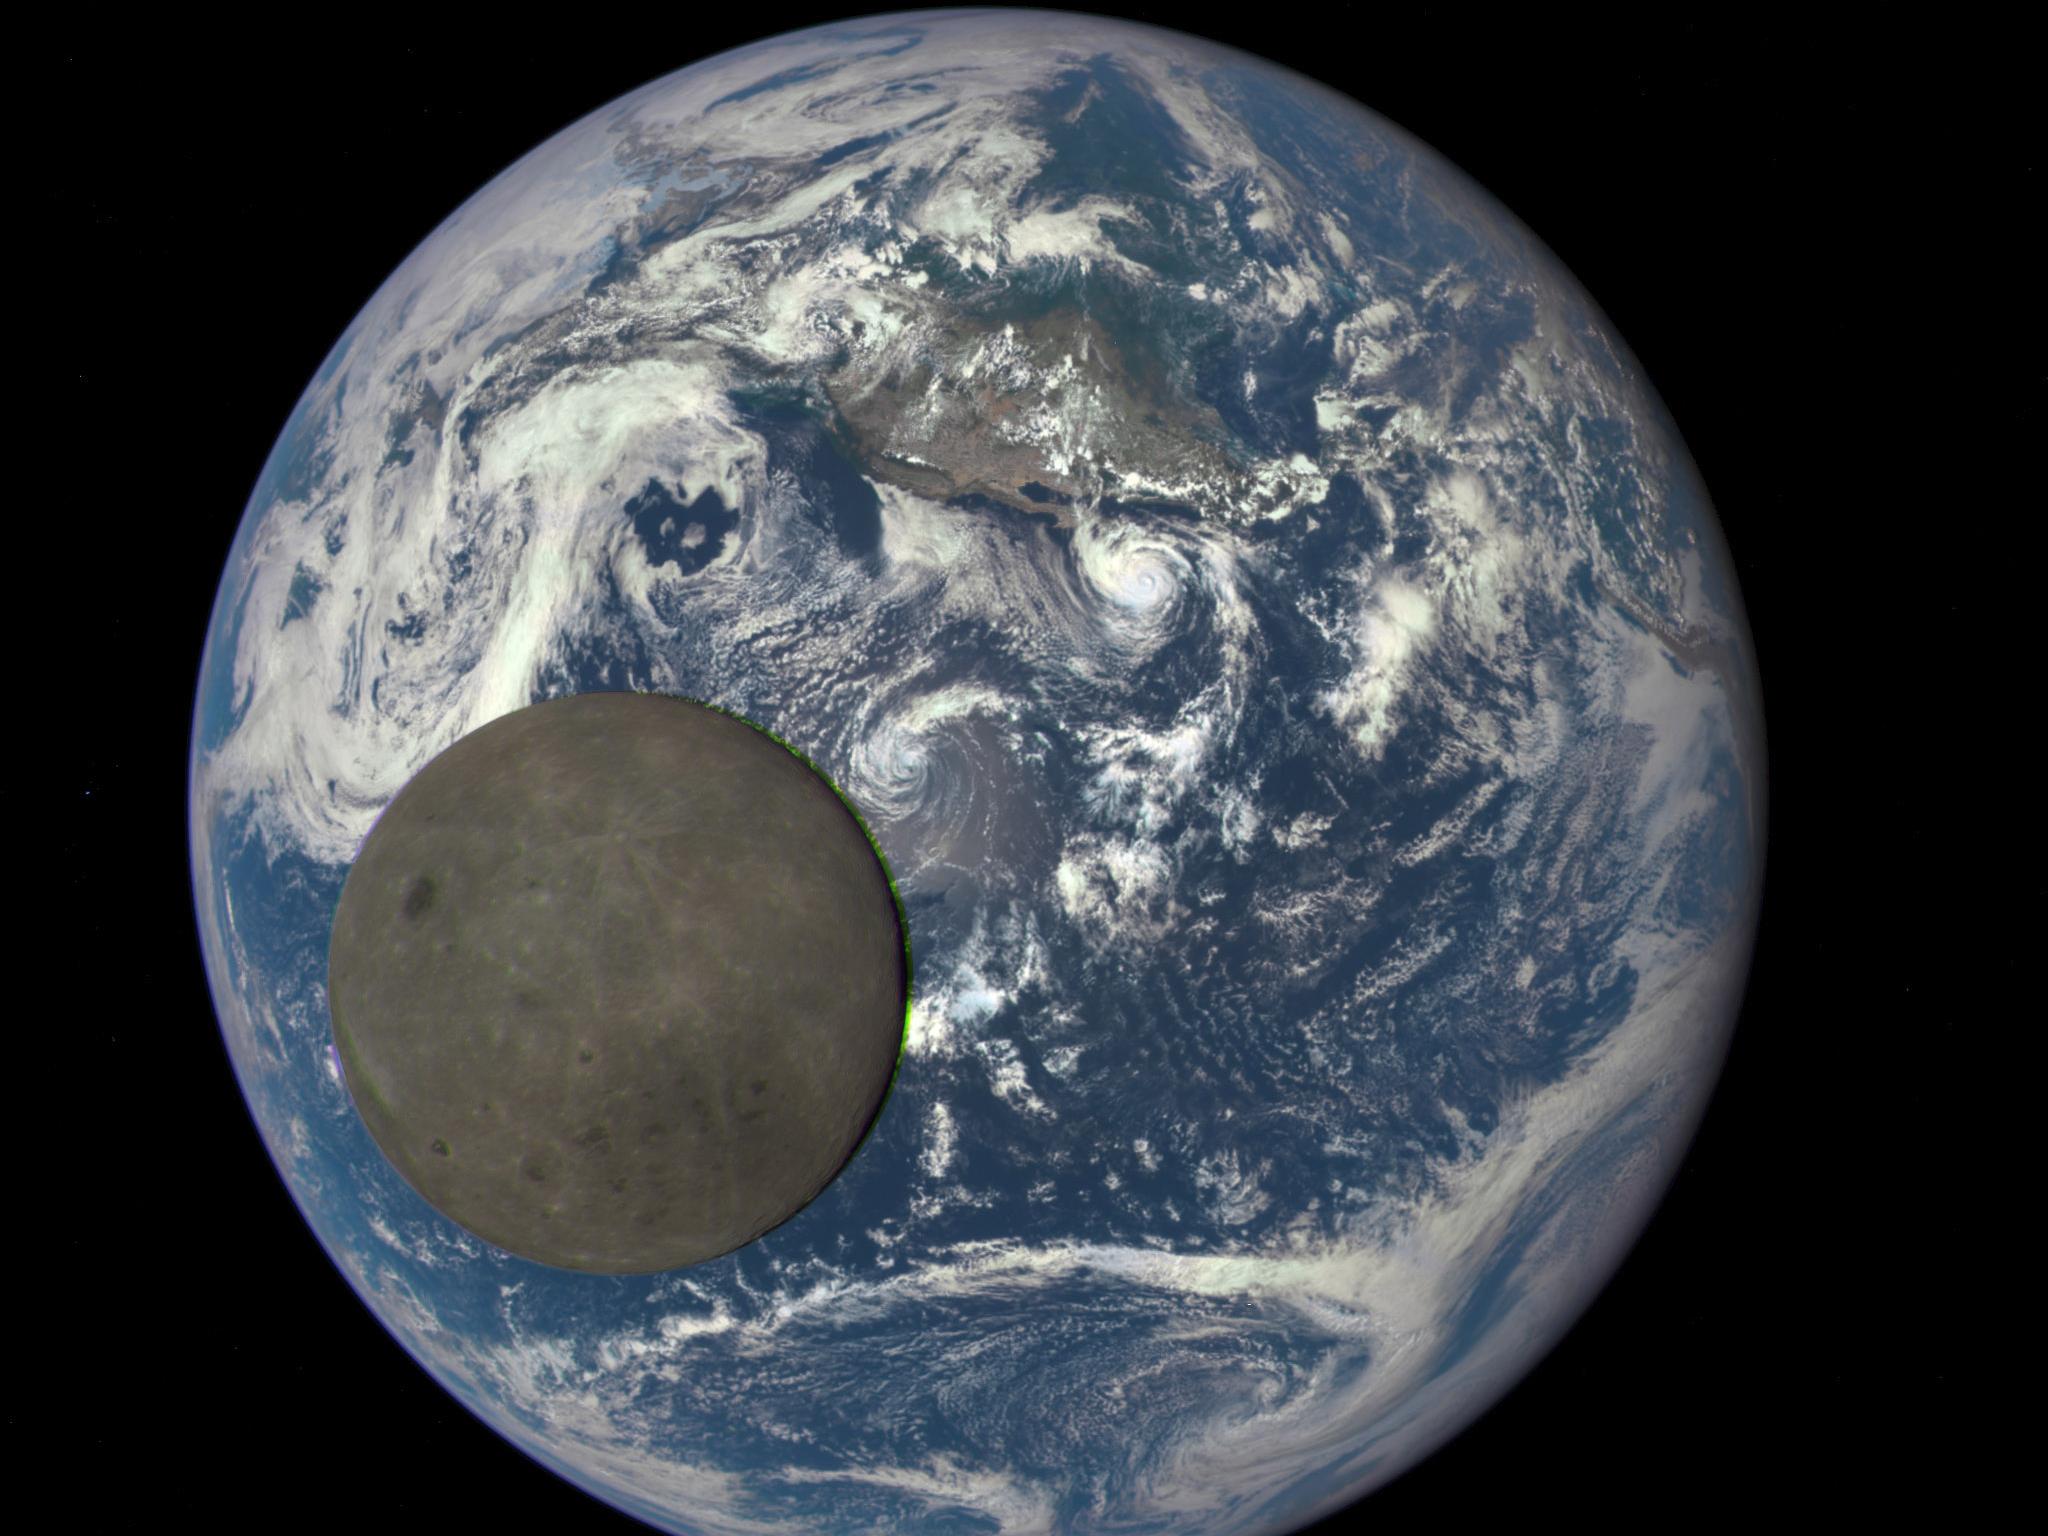 月が地球から遠ざかる45億年の歴史を見るアニメ…JAXAの研究者が作成 ...